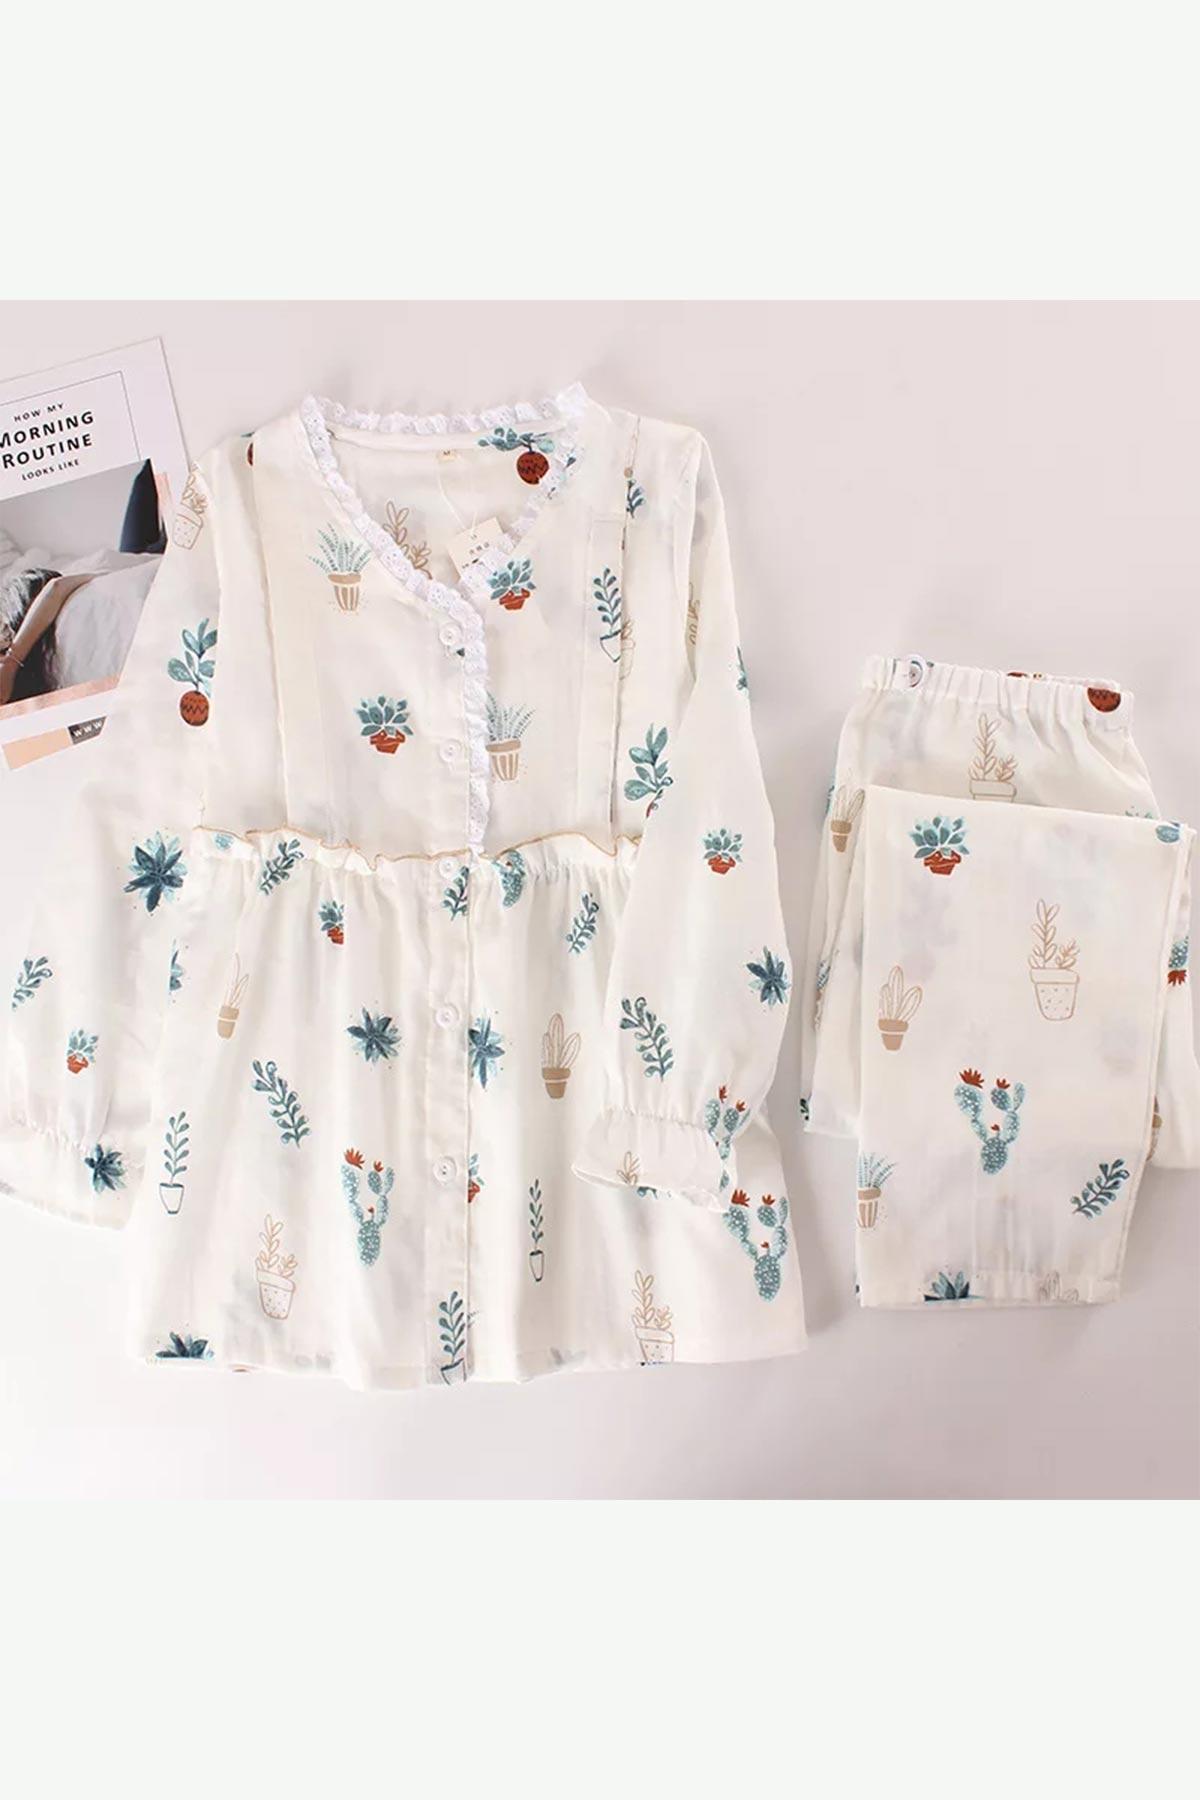 ÇeyizeDairHerşey - Özel tasarım vintage önden düğmeli çiçek desenli bayan pijama takımı 5825